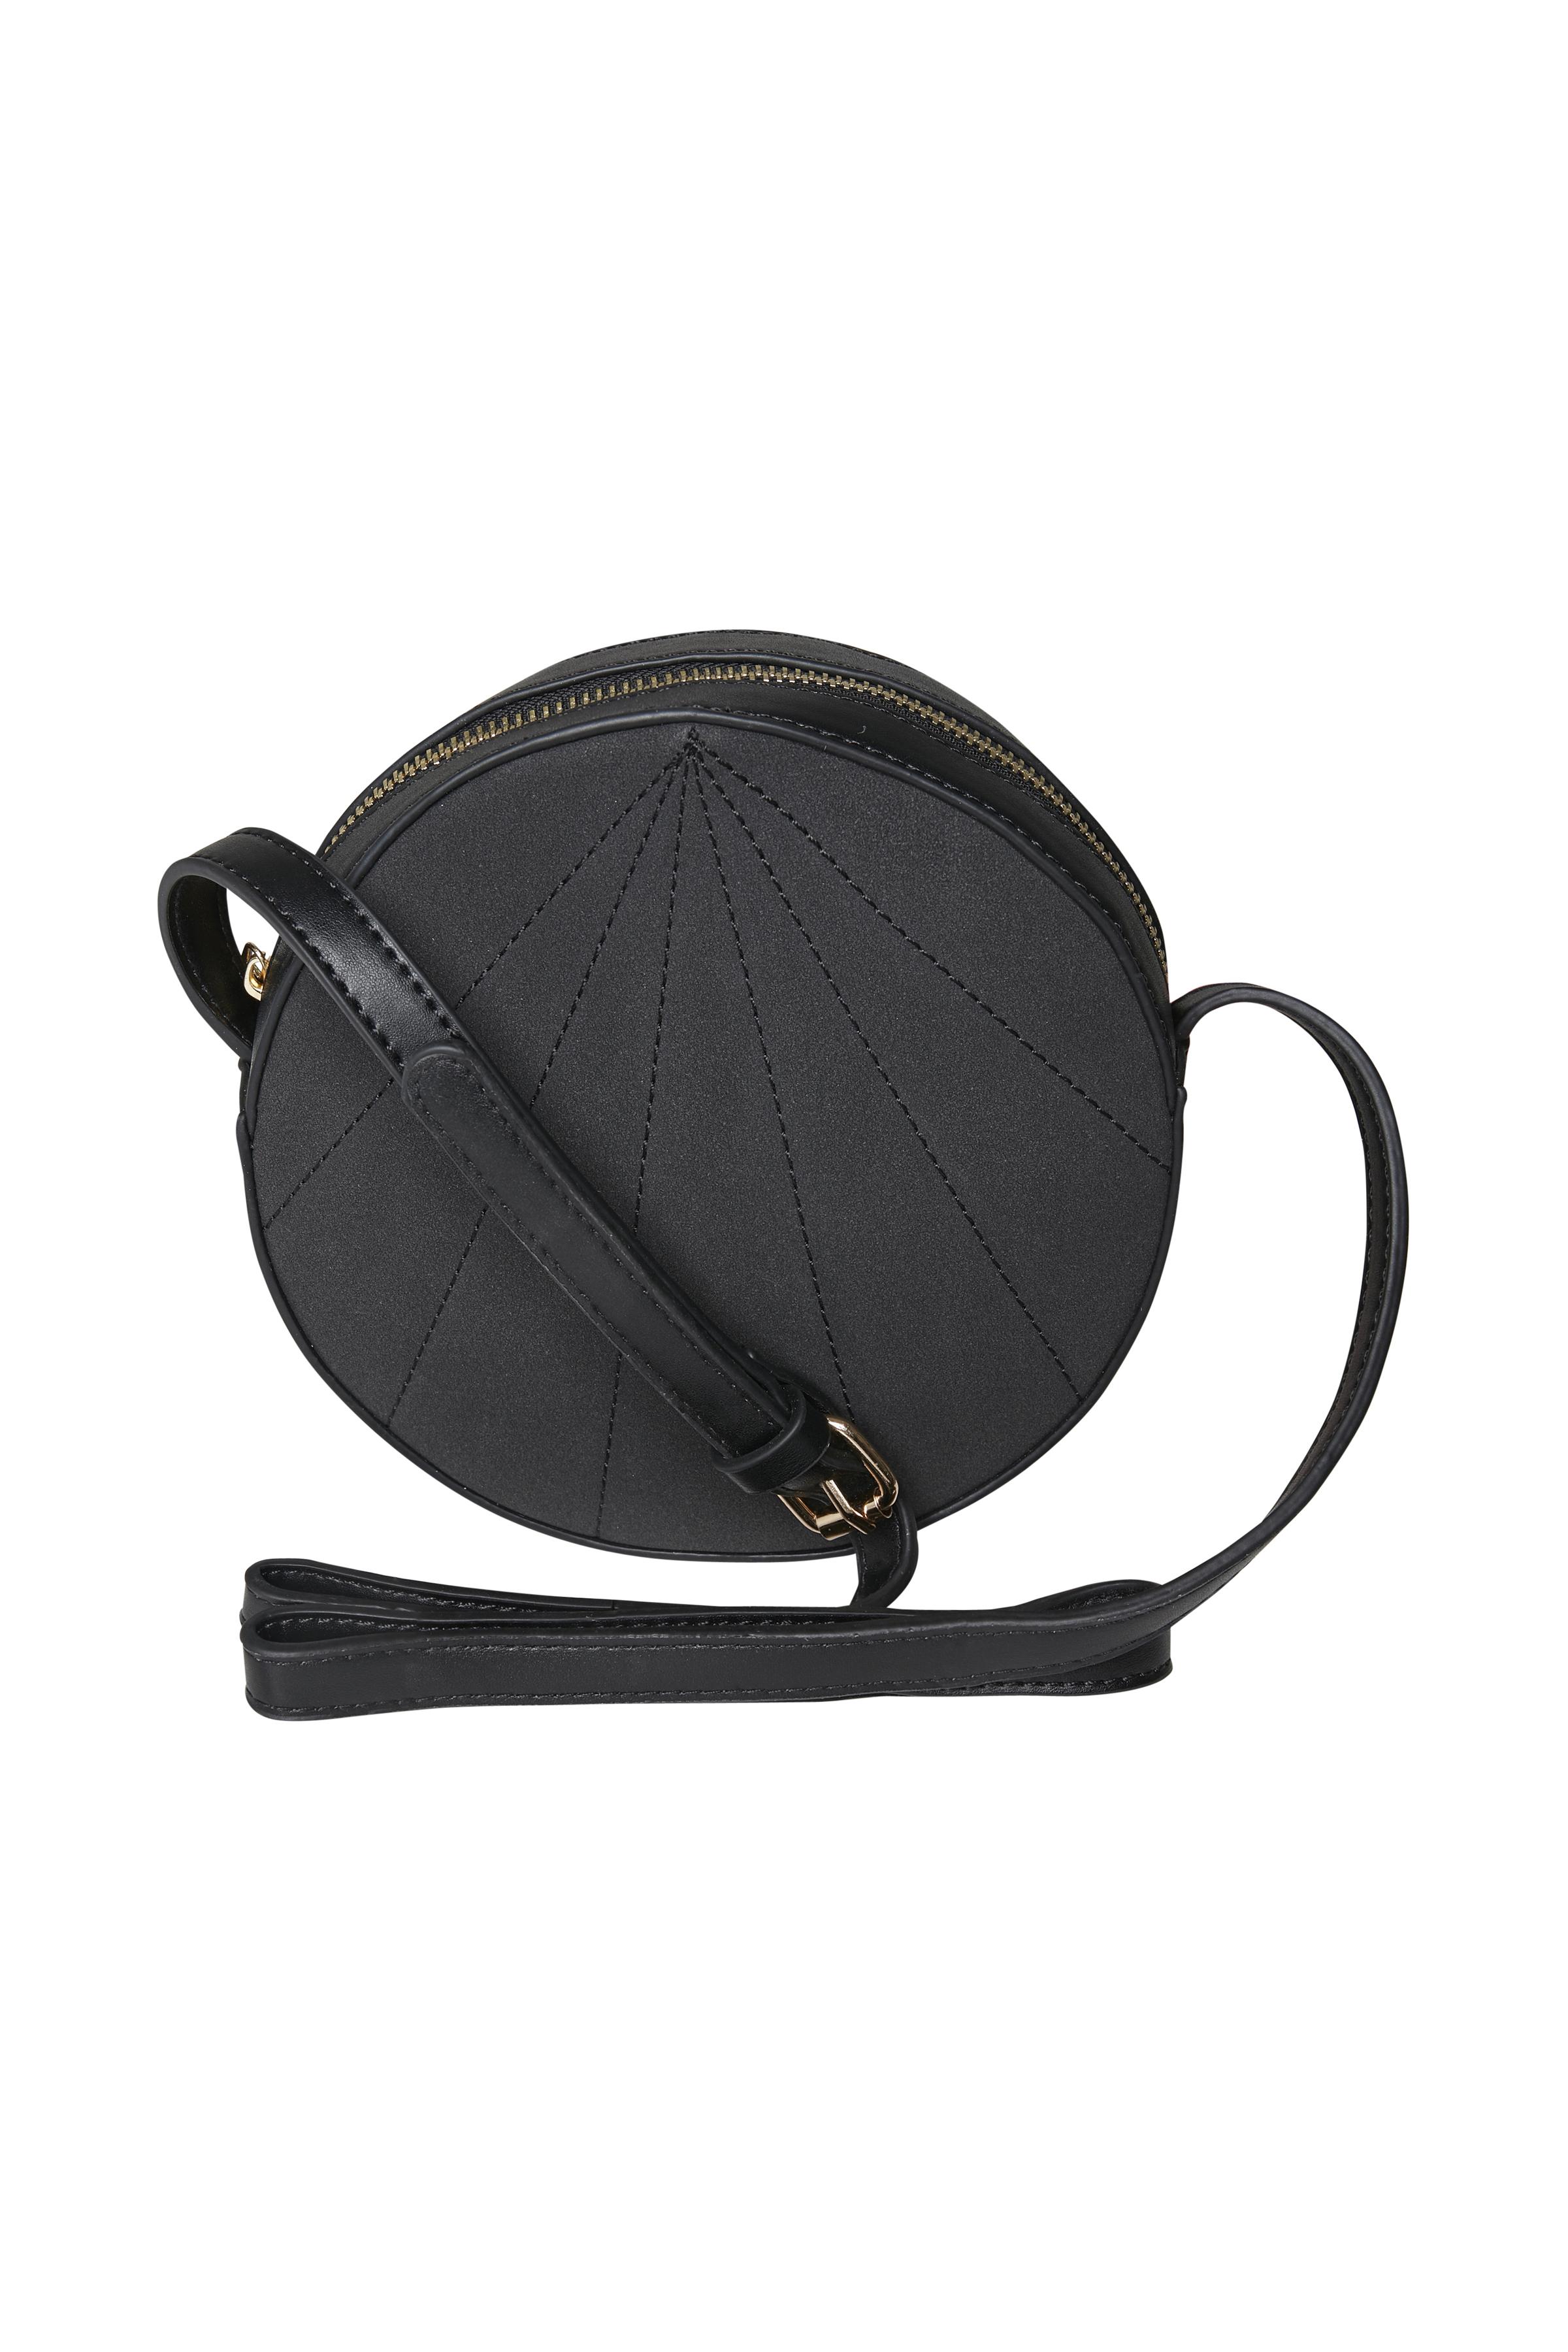 Image of   Ichi - accessories Dame Rund taske - Sort